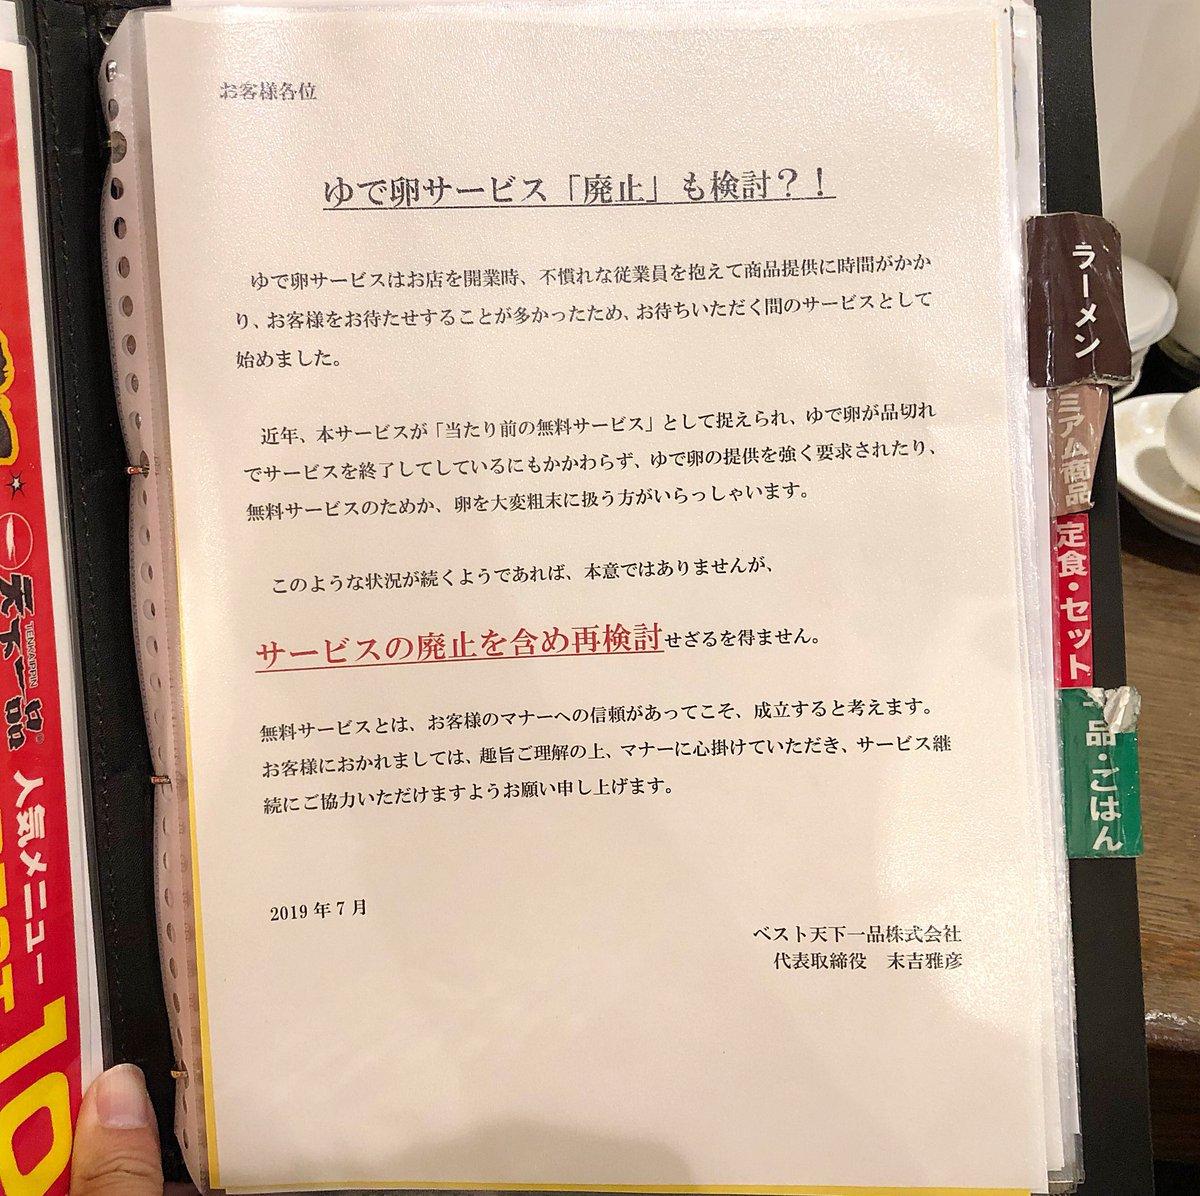 test ツイッターメディア - 天下一品のゆで卵無料について、東京では一度も見たことがなくてモヤモヤしていたのだけど、広島ではやはり現在も卵は無料。昔は器に山盛りでゆで卵食べ放題だったのだけどなんだか様子が変わっていた。一部のお客様、頼むよほんとに。 https://t.co/Si011fh1pa